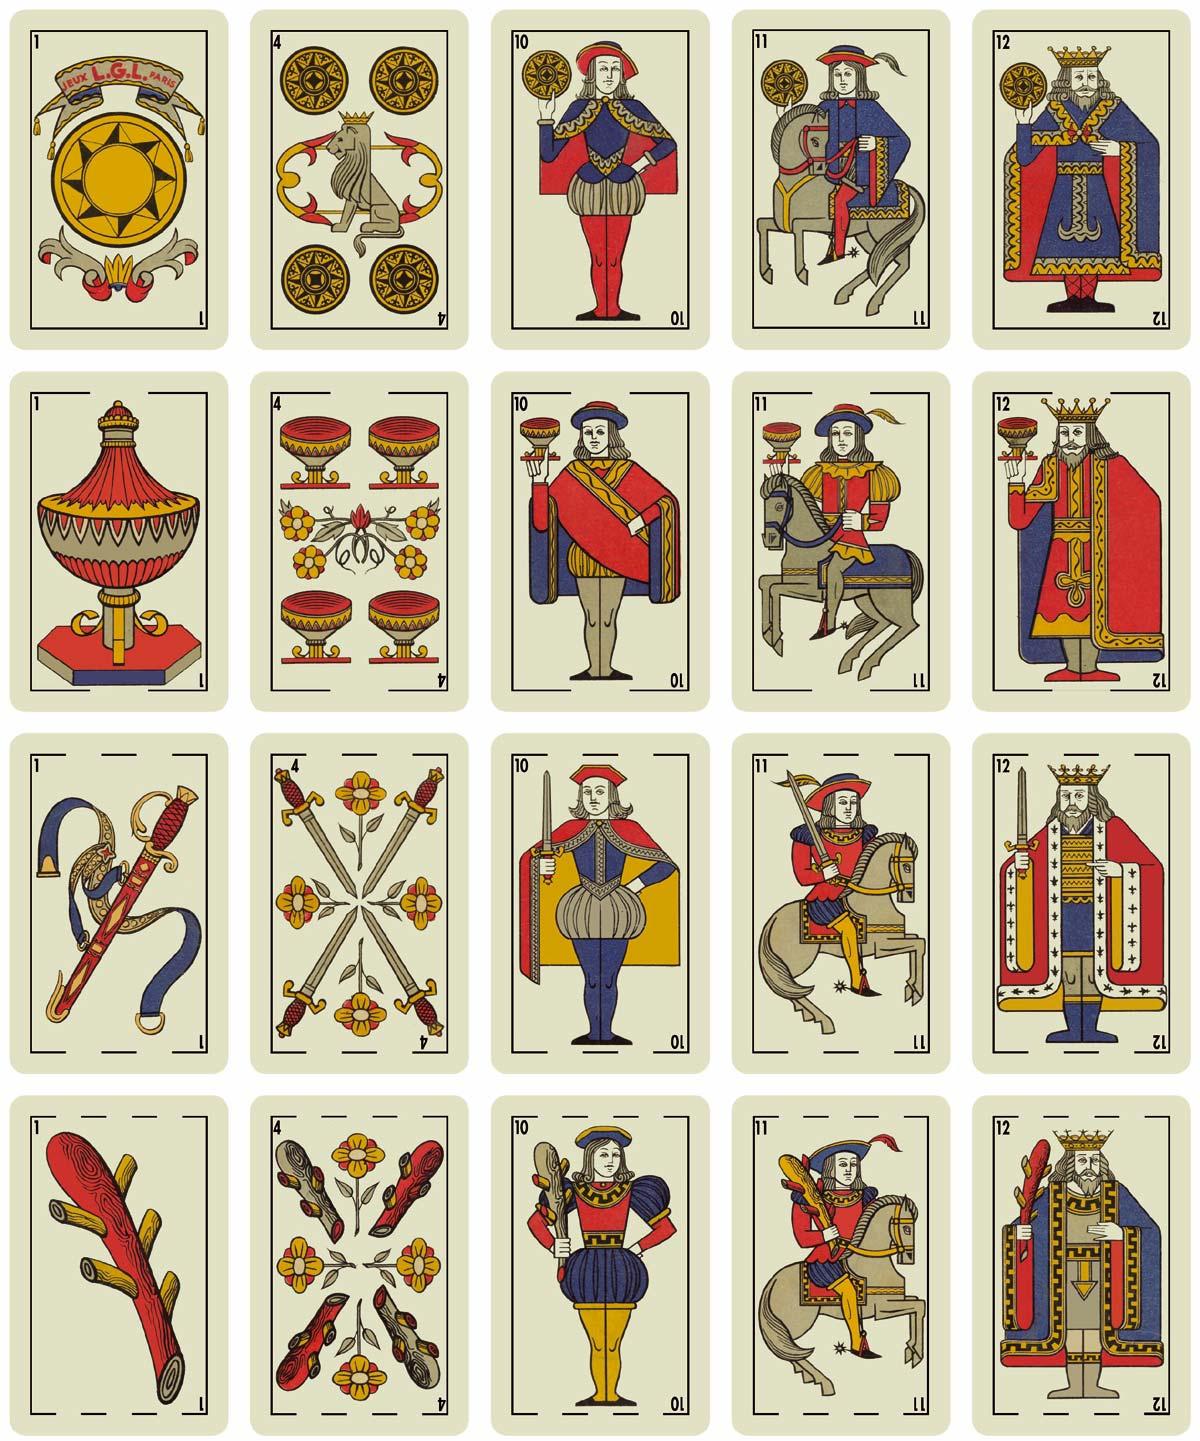 Spanish-suited pack by Jeux L.G.L. Paris